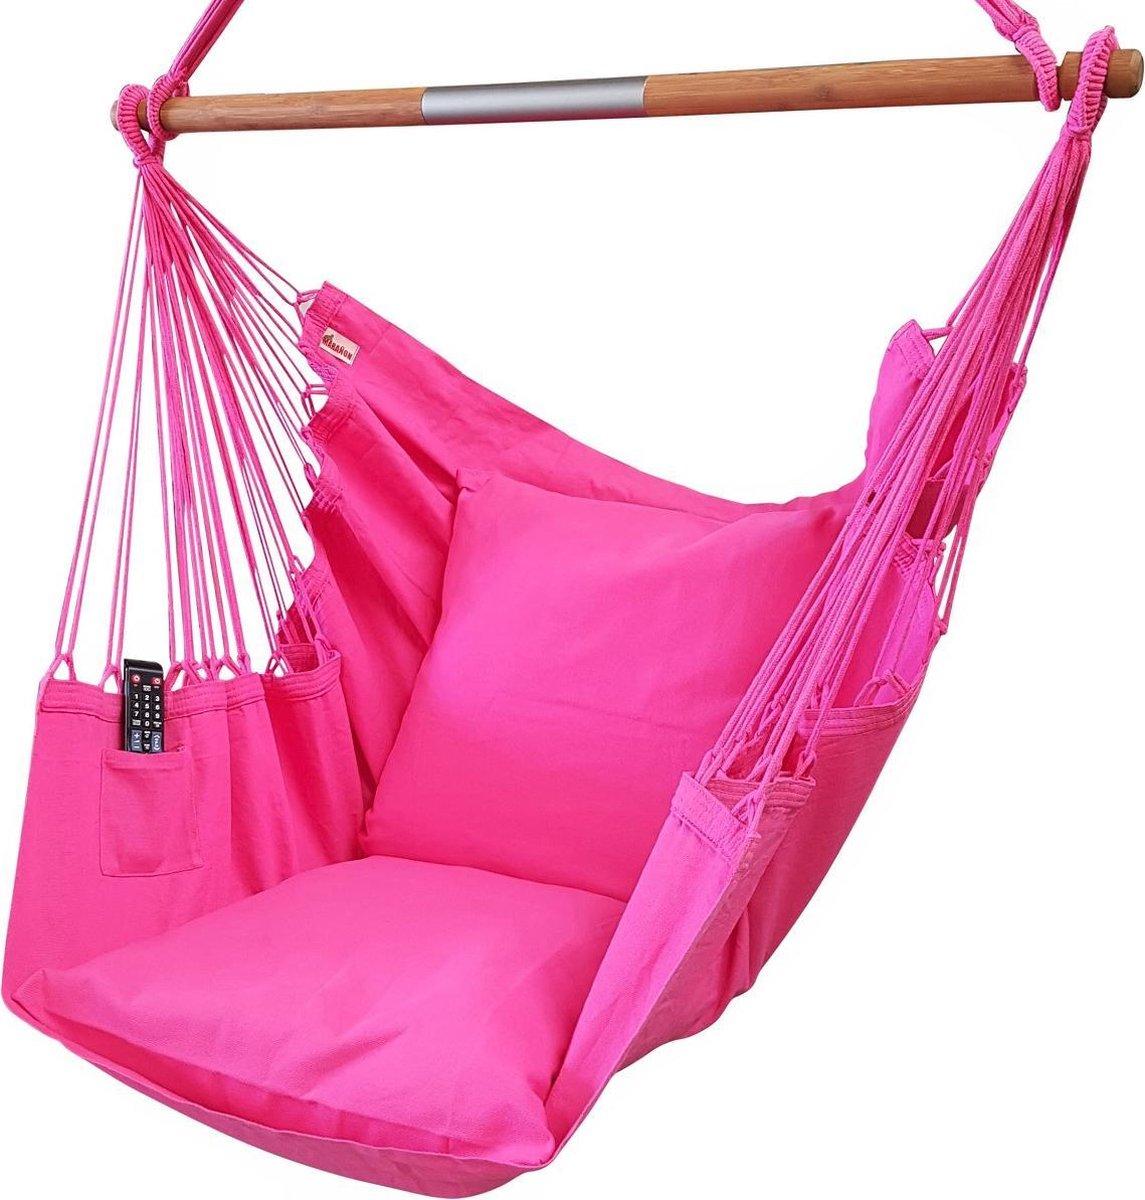 Hangstoel NewLine XL Roze geleverd zonder kussenslopen